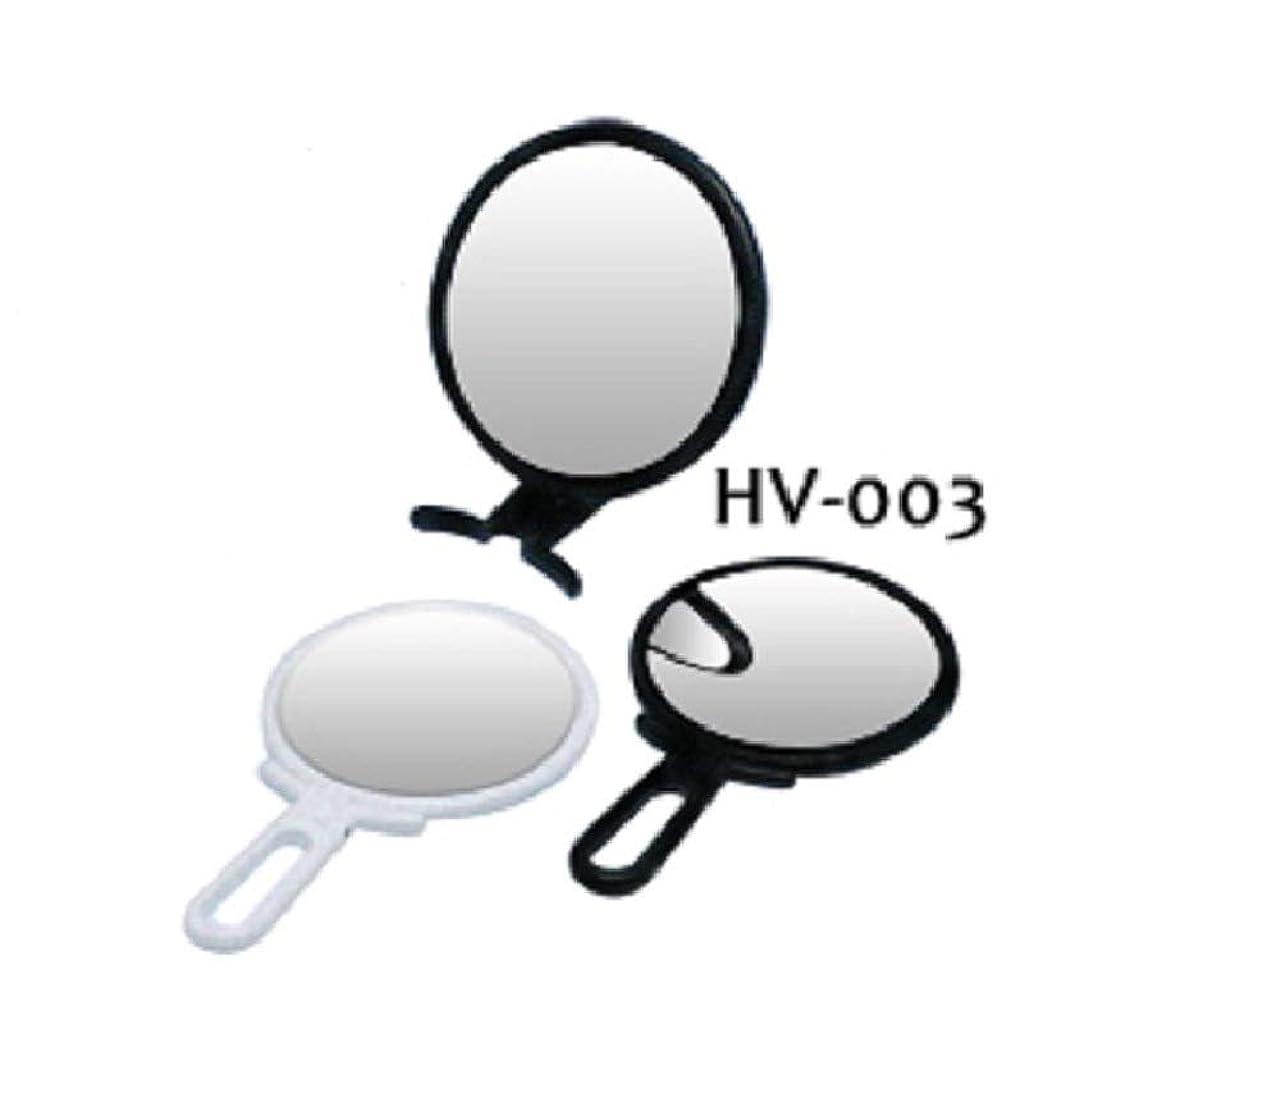 カートリッジ倫理的辞書ハイパービュースタンド&ハンドミラー HV-003 ブラック